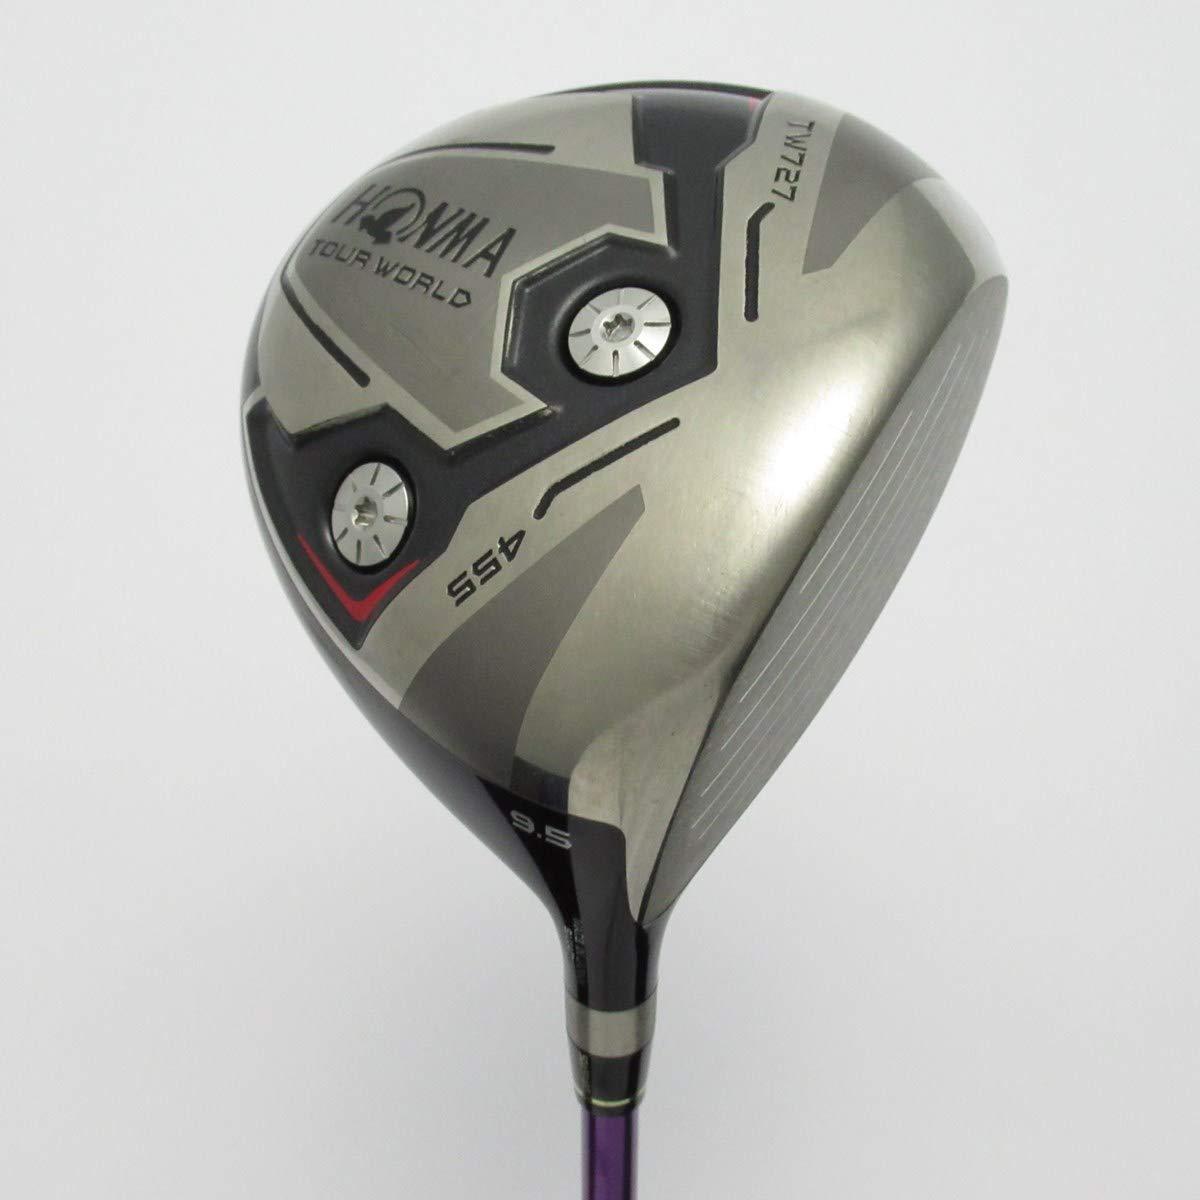 【中古】本間ゴルフ TOUR WORLD ツアーワールド TW727 455 ドライバー VIZARD YZ65 S  B07PBZ1TR1